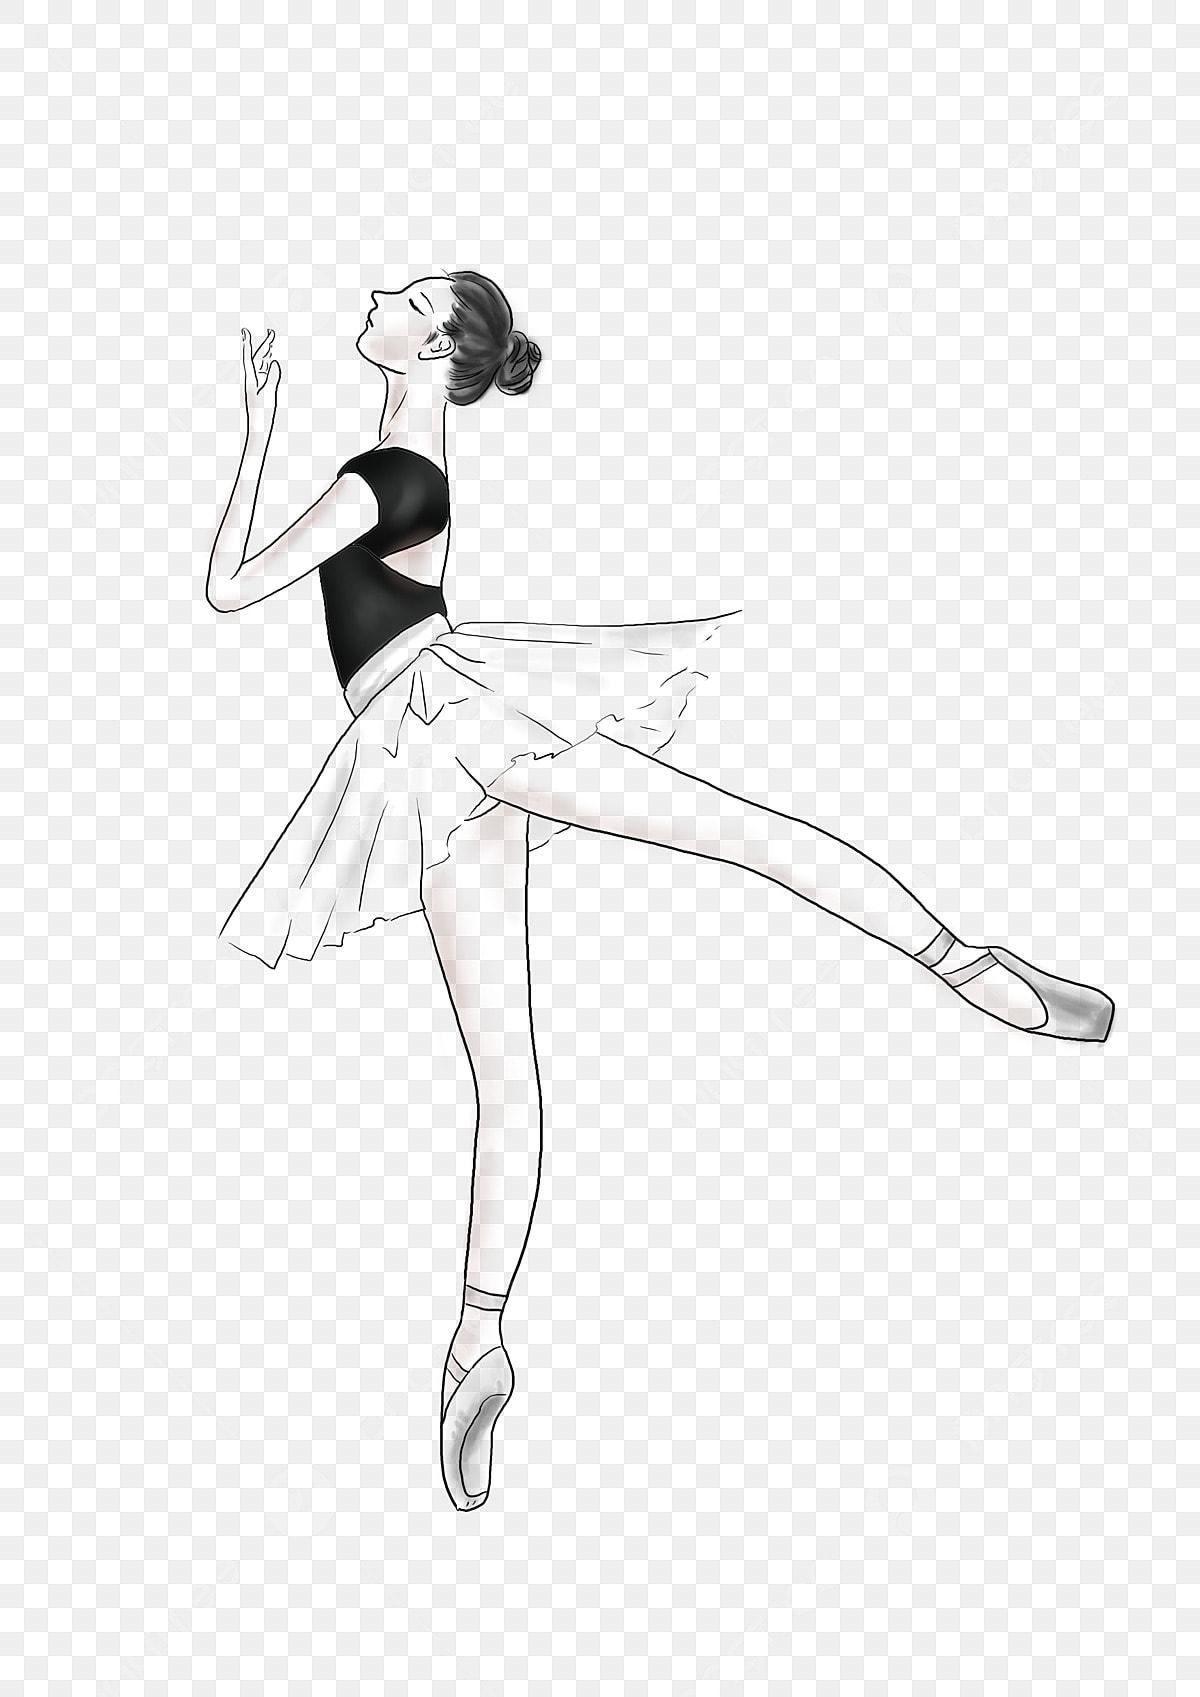 無料ダウンロードのためのバレリーナ 美女 ダンス バレエpng画像素材